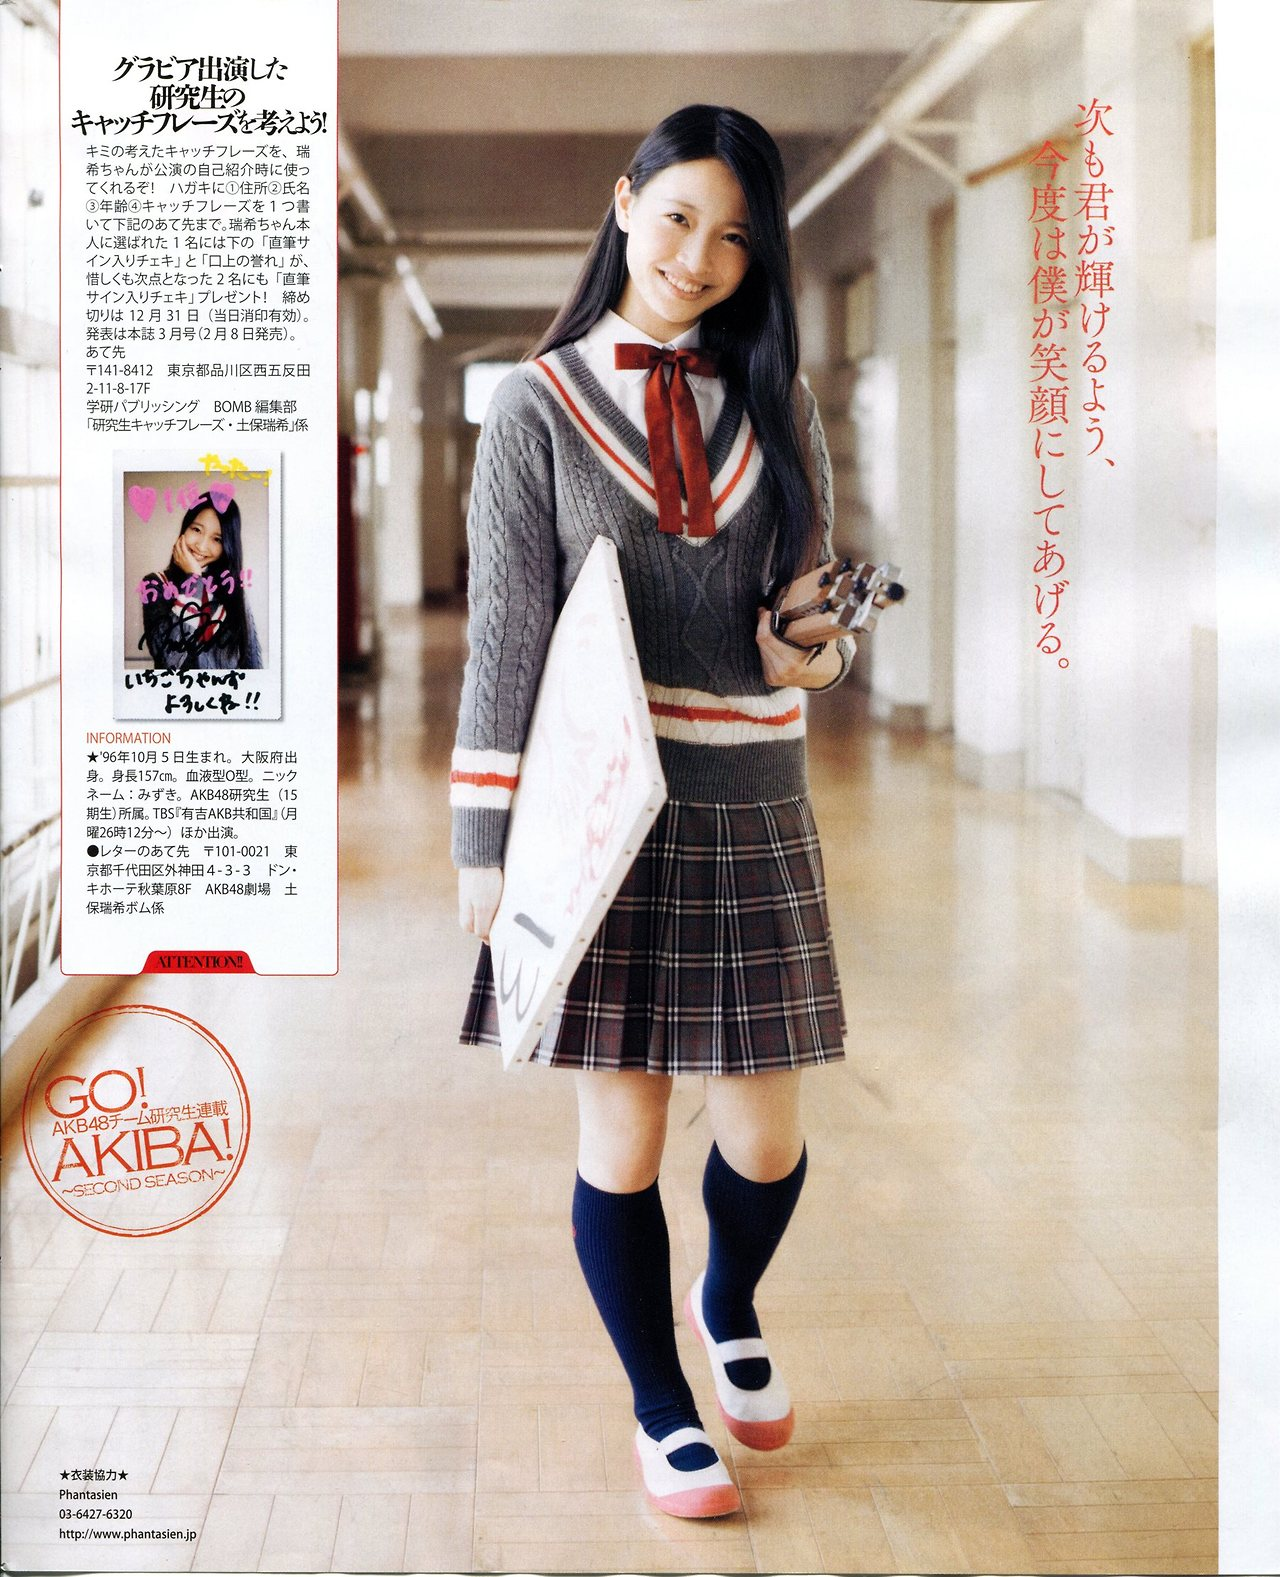 AKB48の土保瑞希